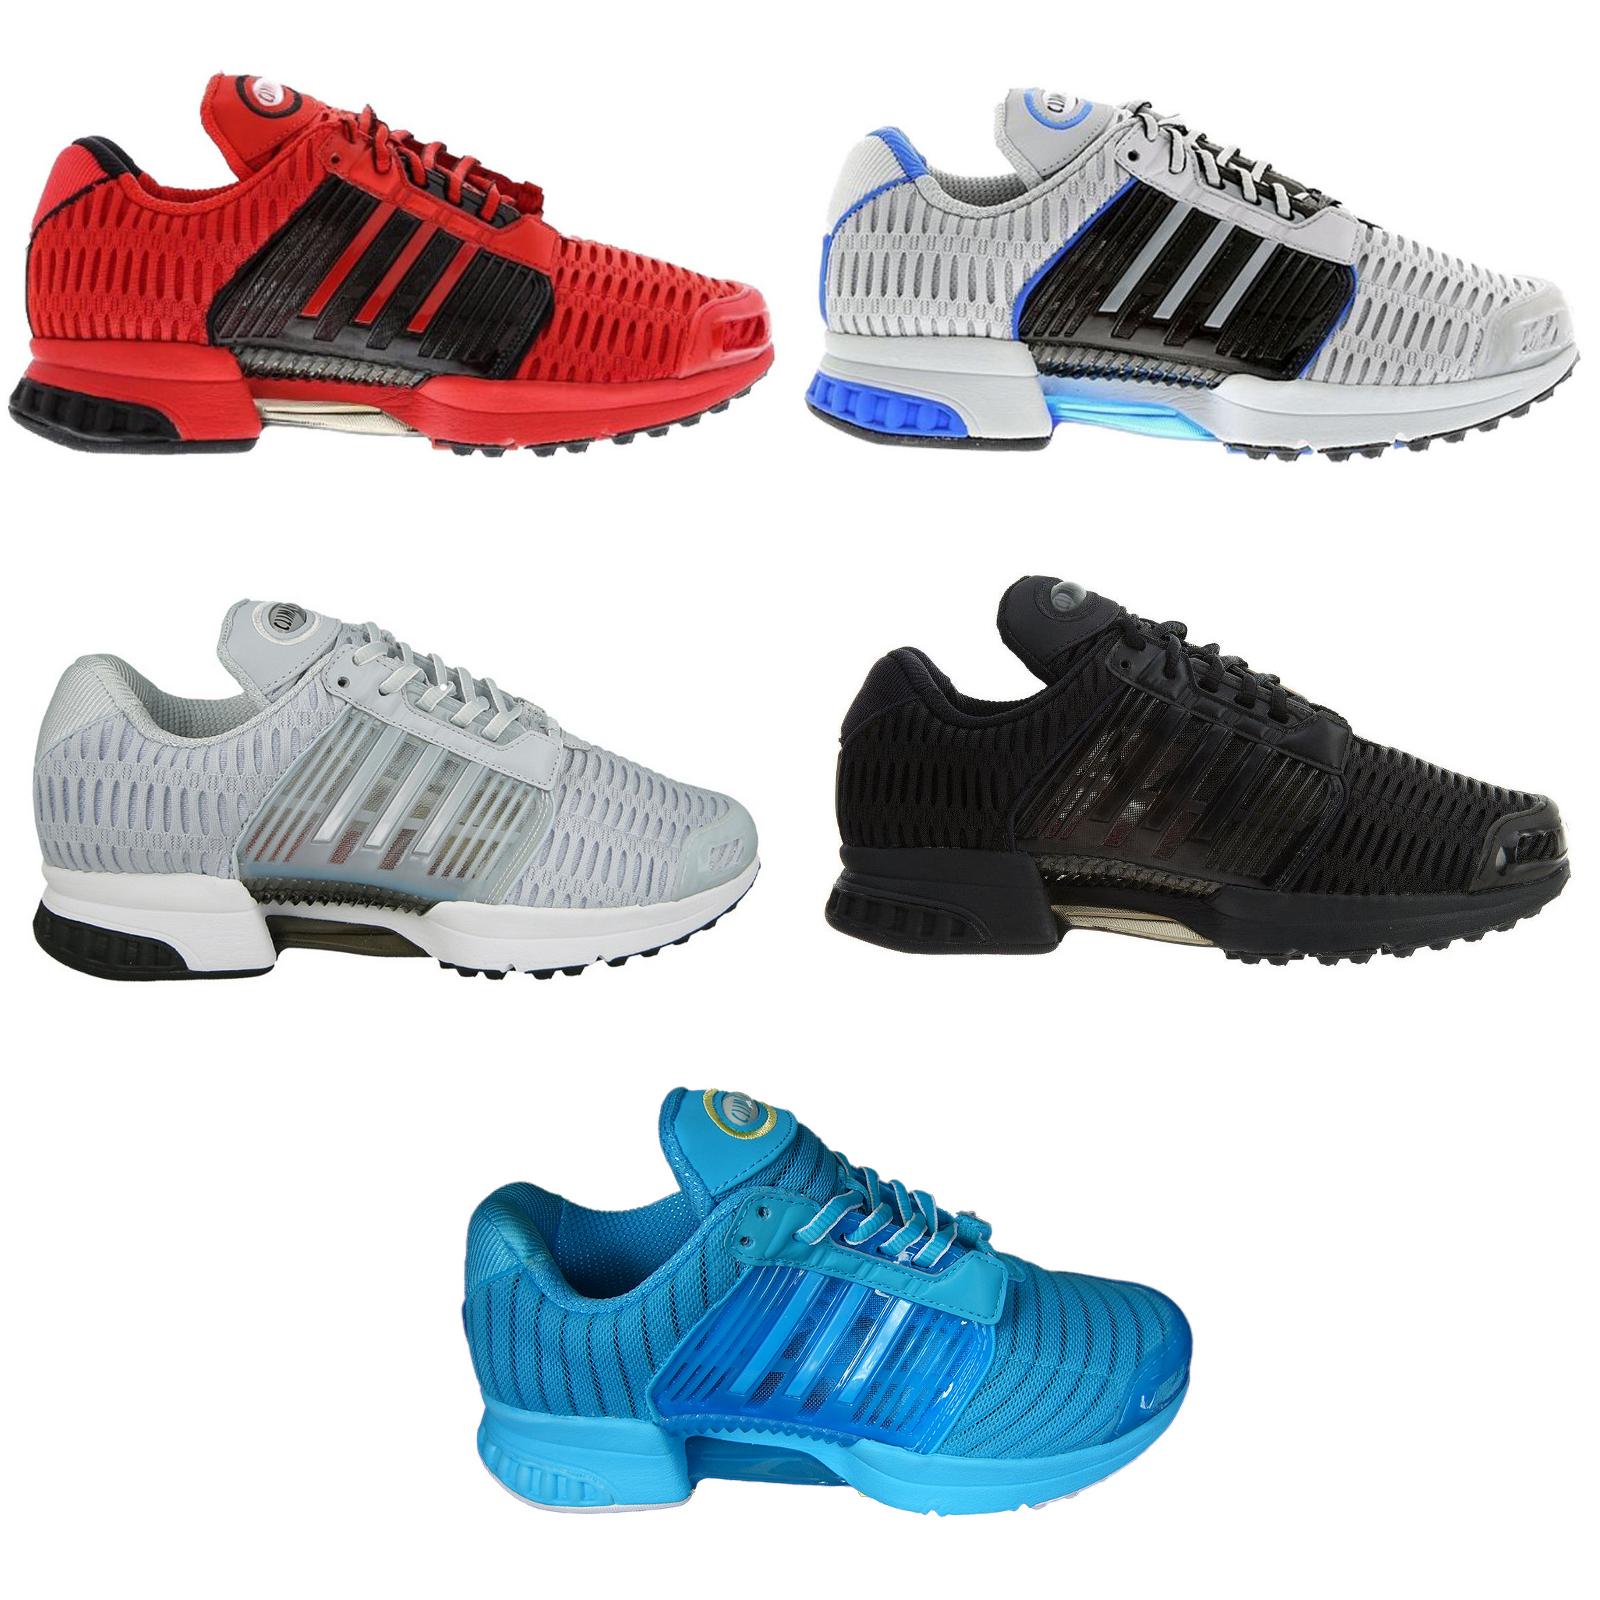 Adidas Originals Climacool 1 Herren Schuhe Laufschuhe Turnschuhe Sportschuhe